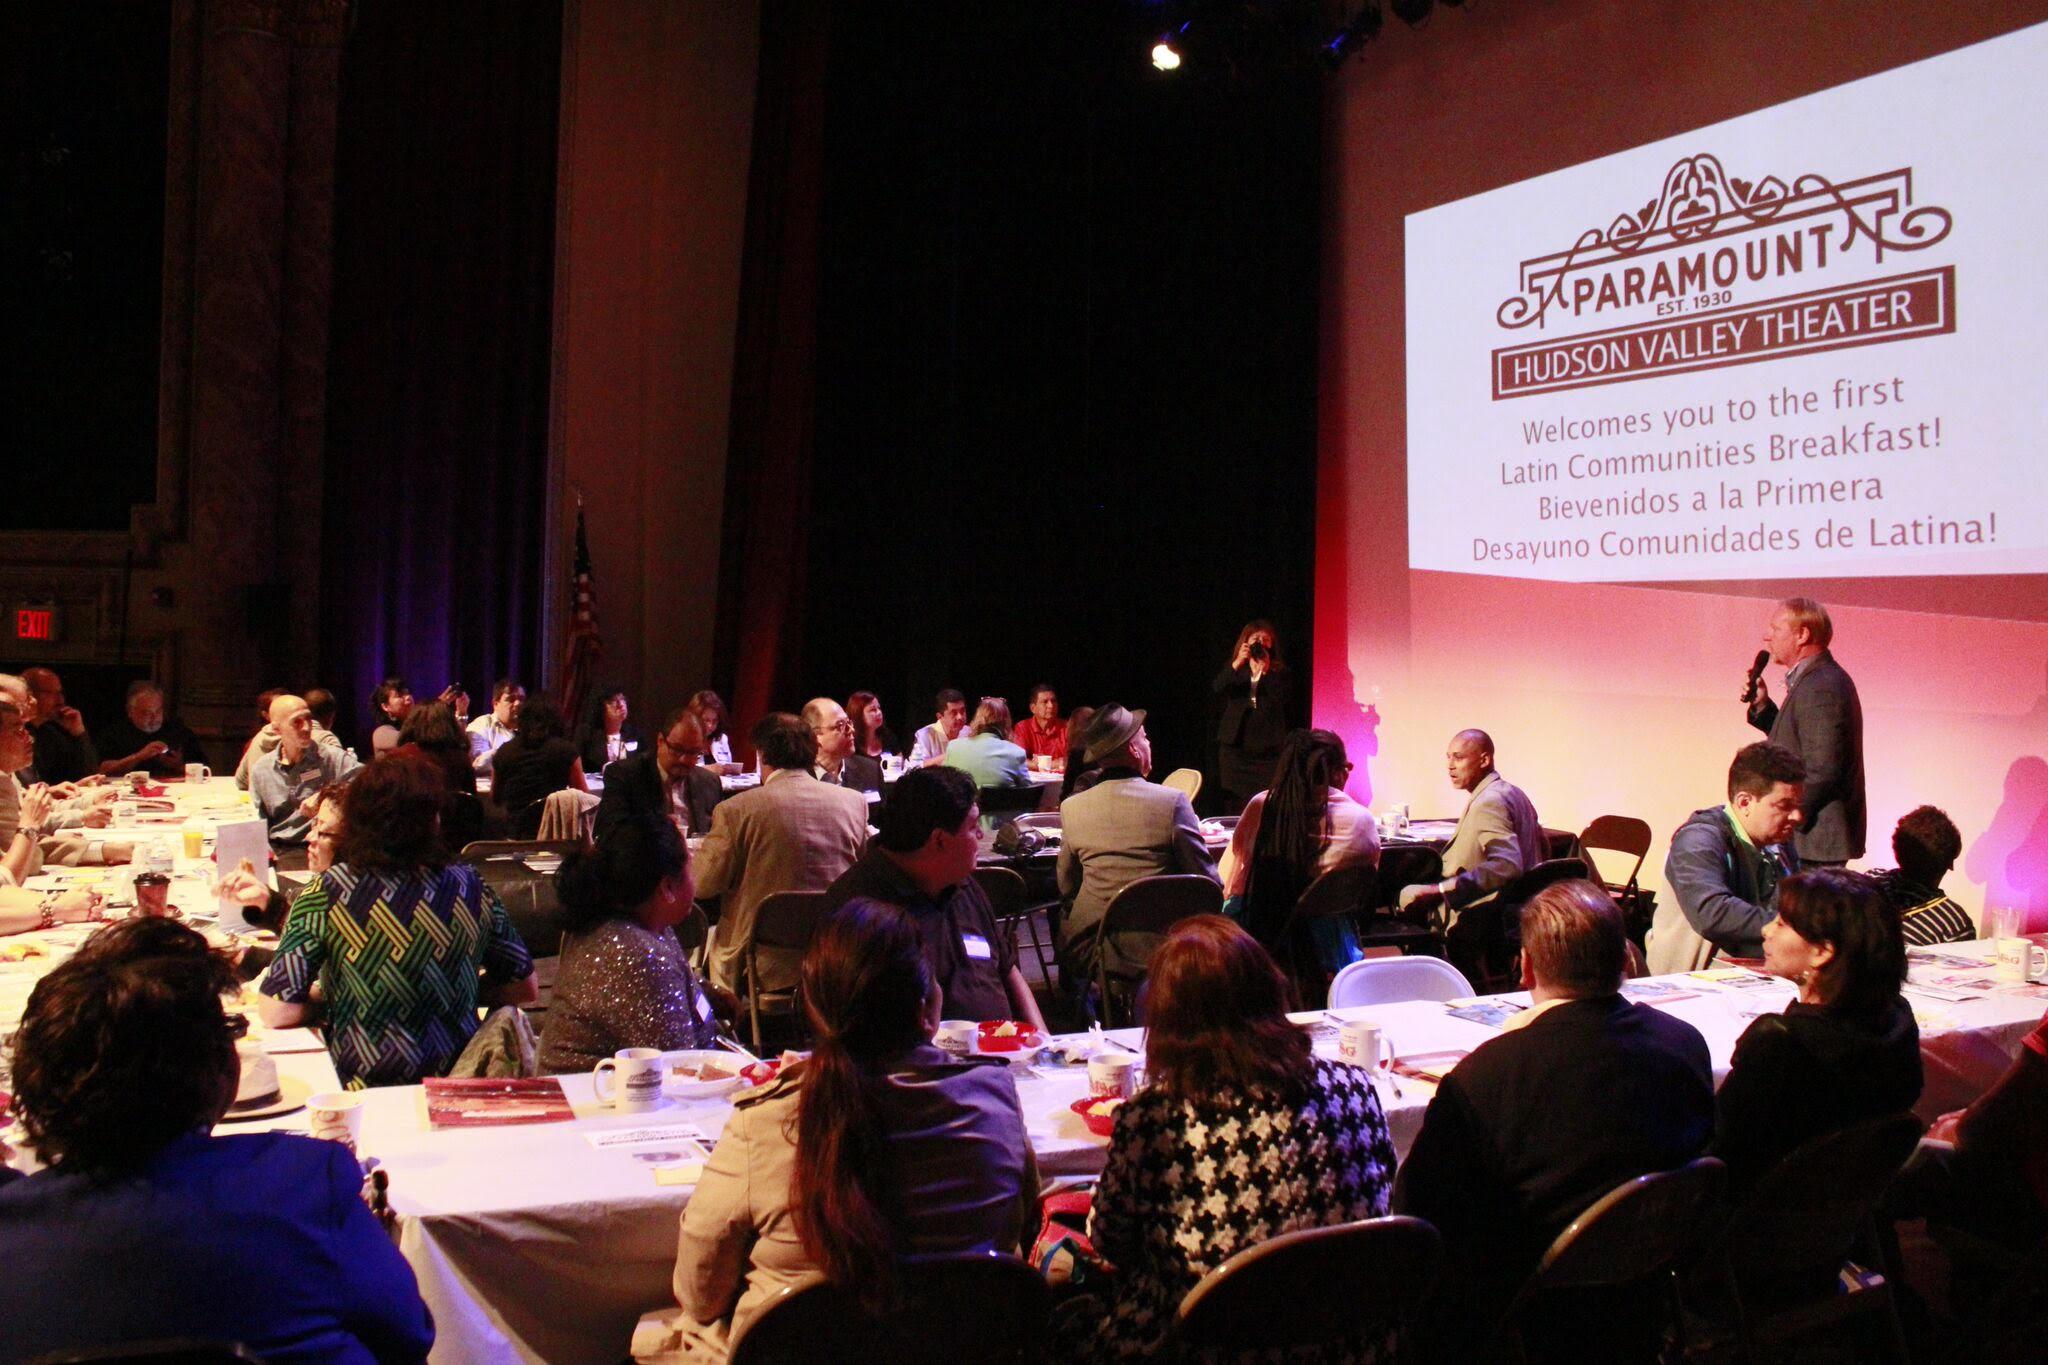 Desayuno para las comunidades latinas en el Paramount Theatre. Foto de Fred Romen